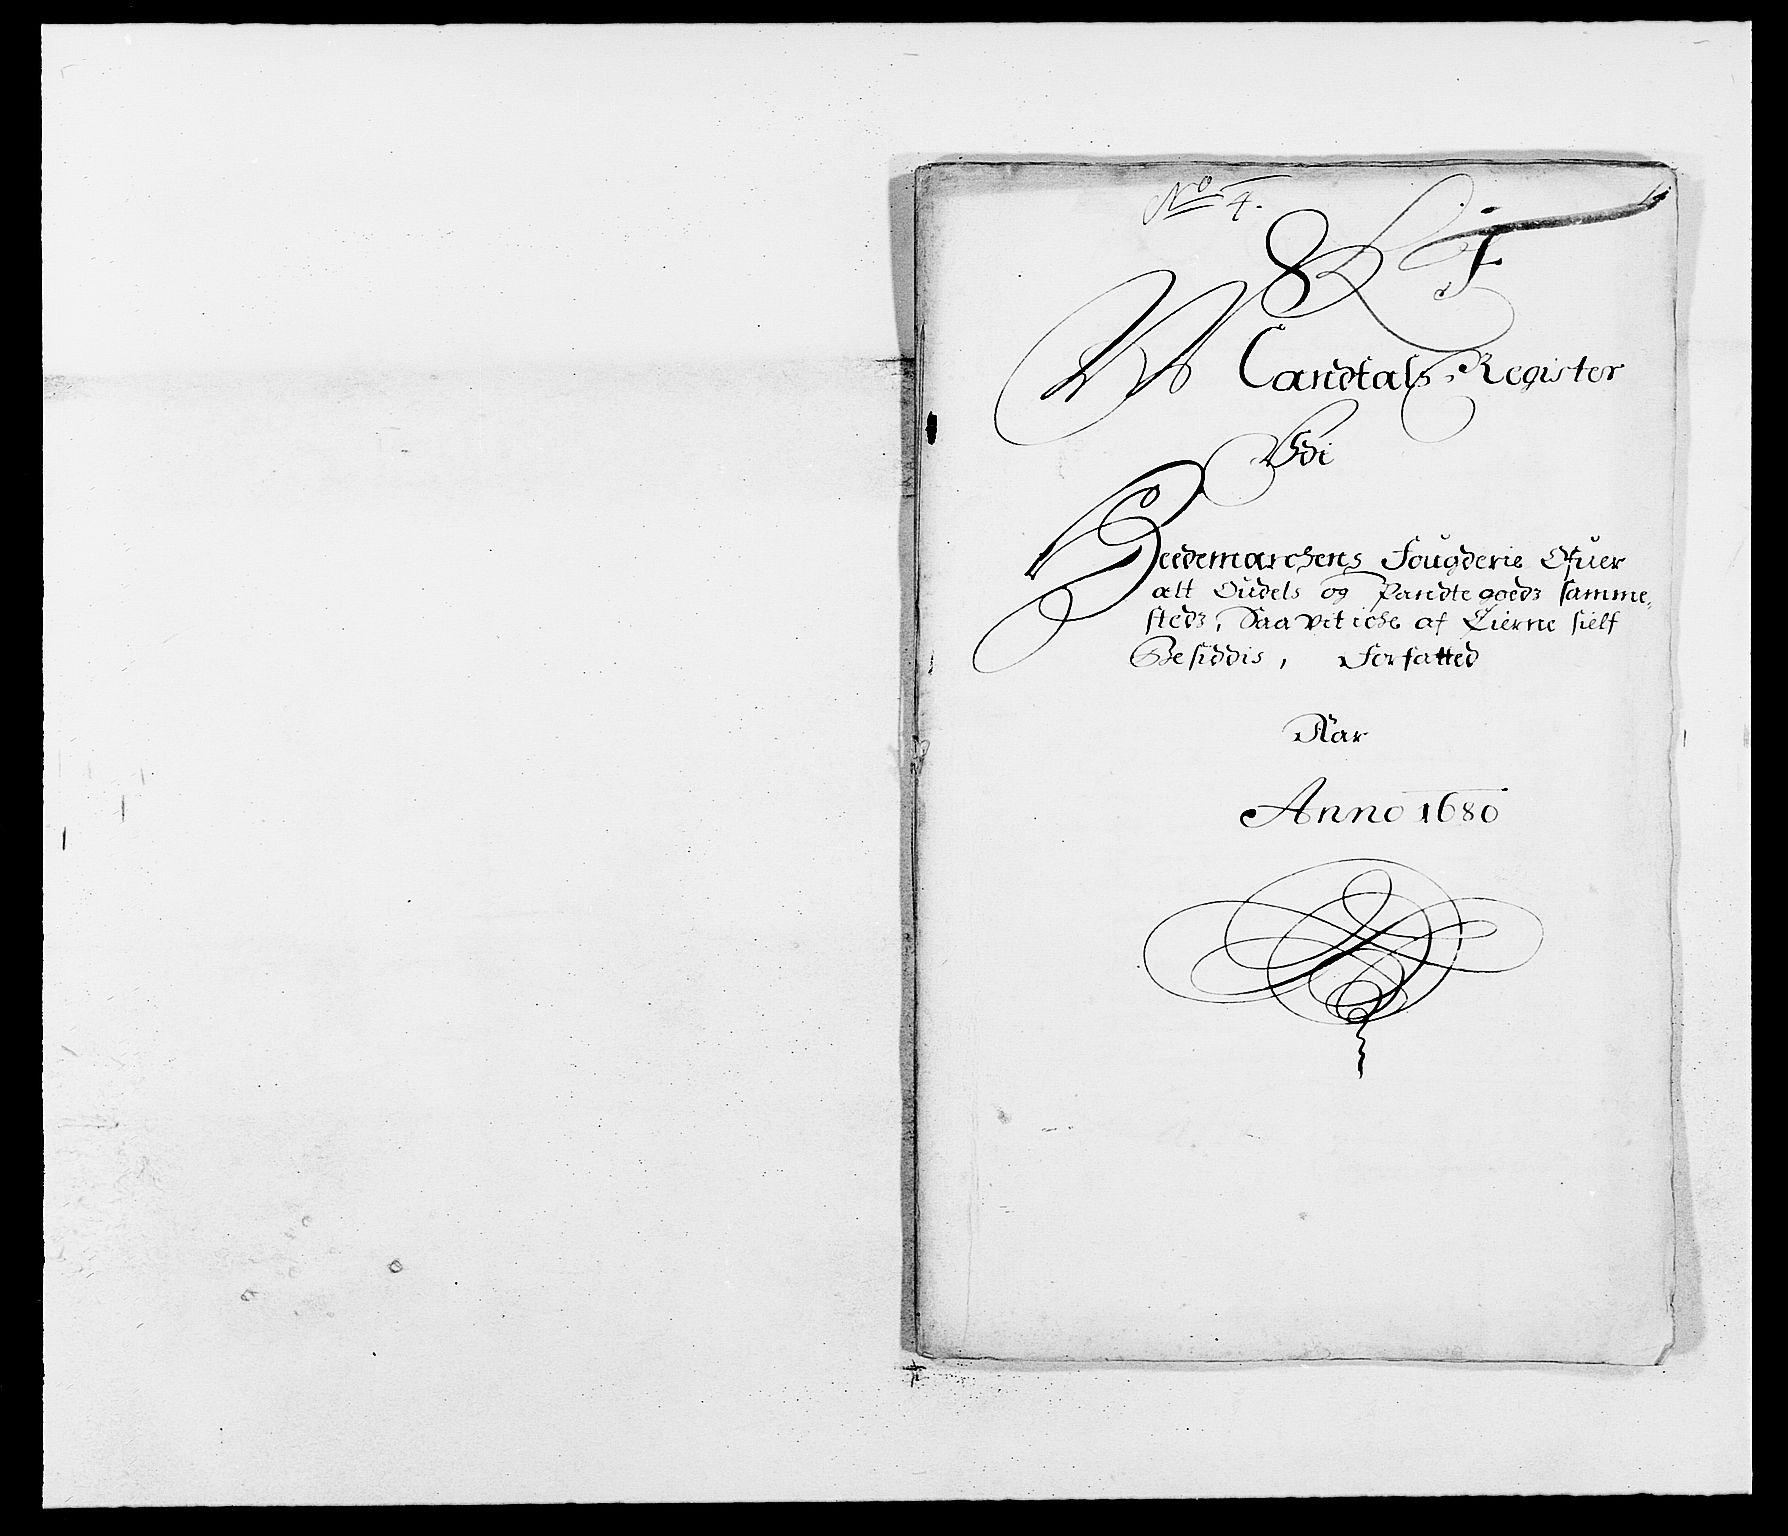 RA, Rentekammeret inntil 1814, Reviderte regnskaper, Fogderegnskap, R16/L1020: Fogderegnskap Hedmark, 1680, s. 212